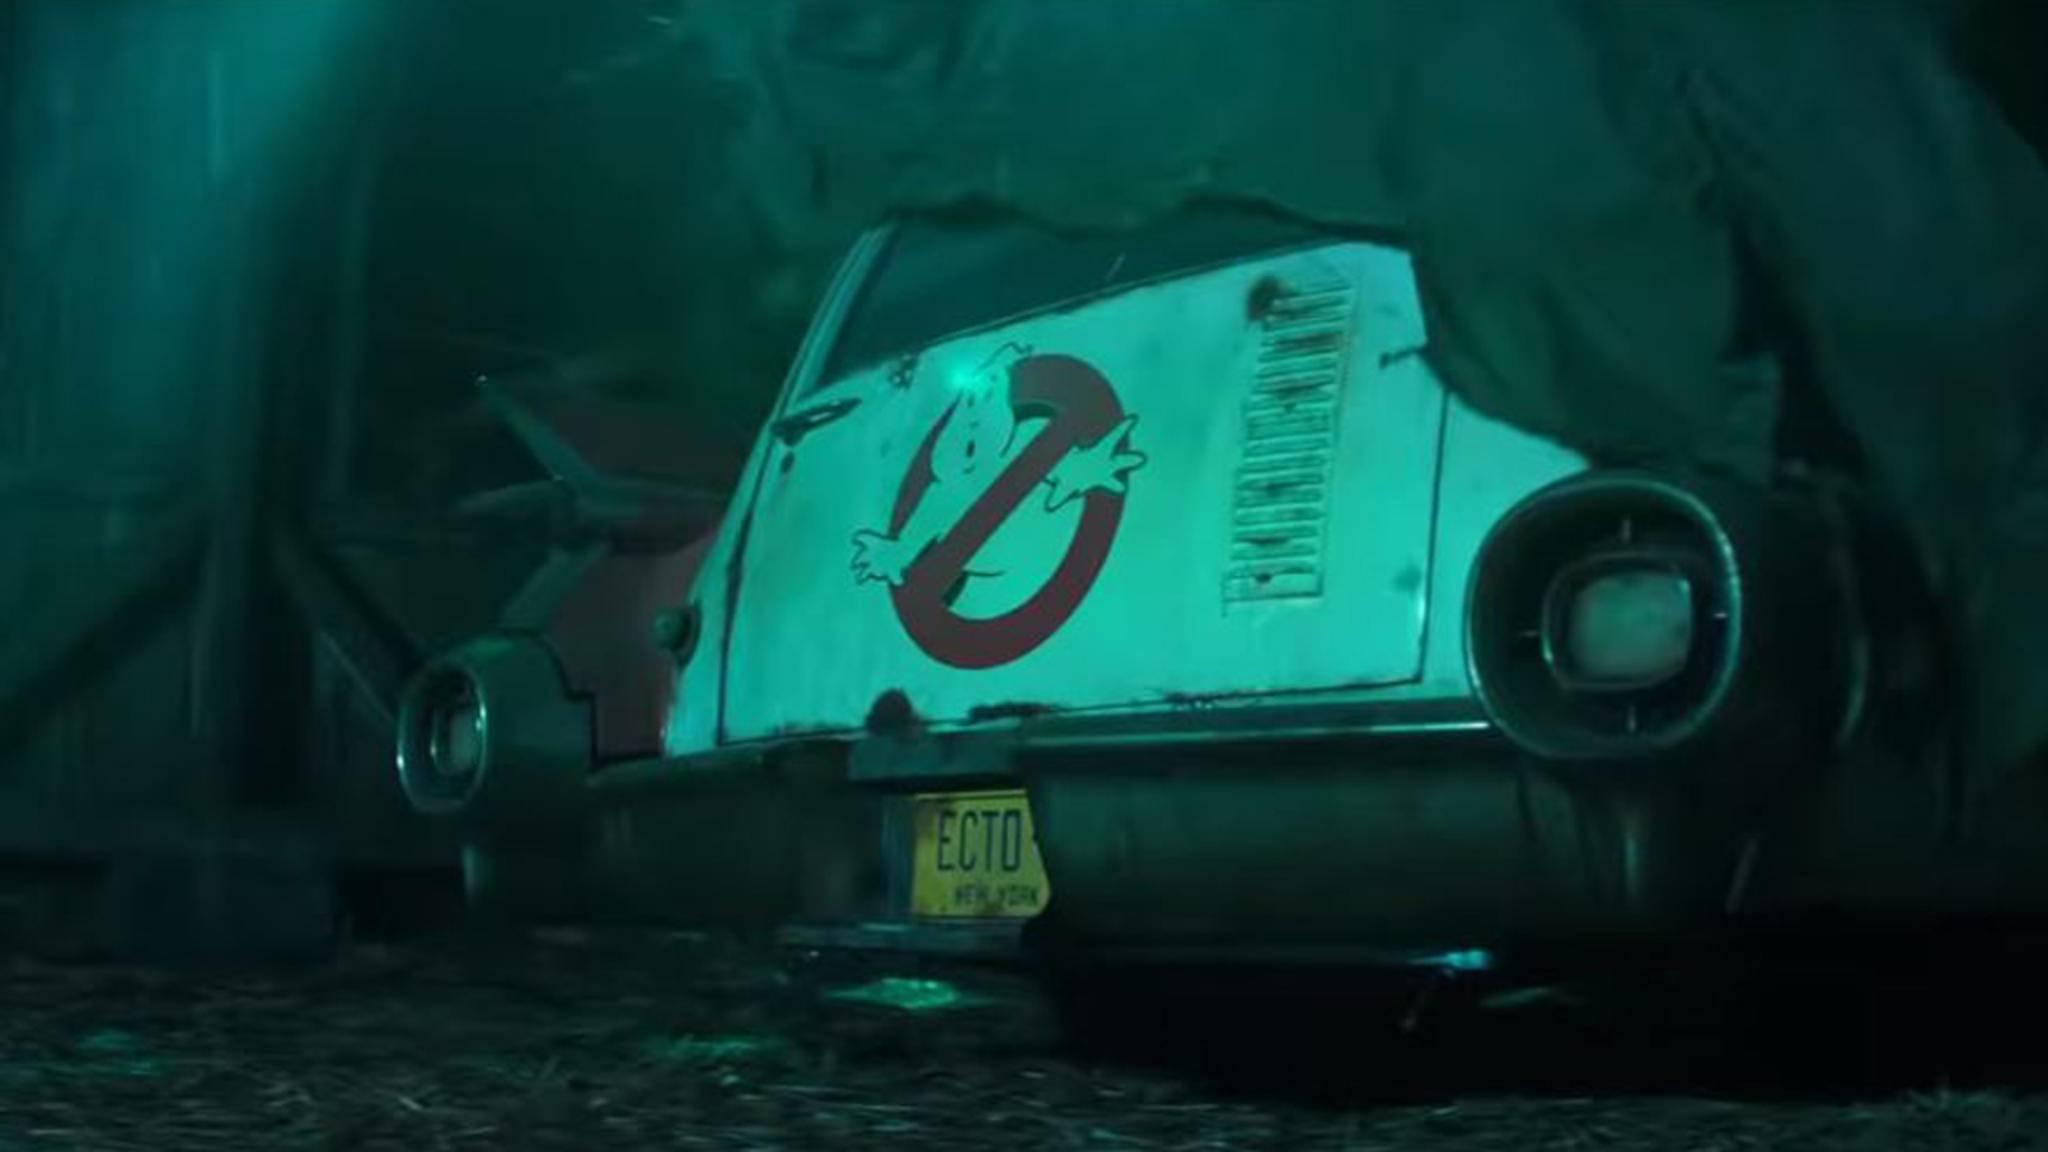 """Der Ecto-1 macht sich abfahrbereit: Im Juli 2020 startet """"Ghostbusters 3"""" in den Kinos durch."""